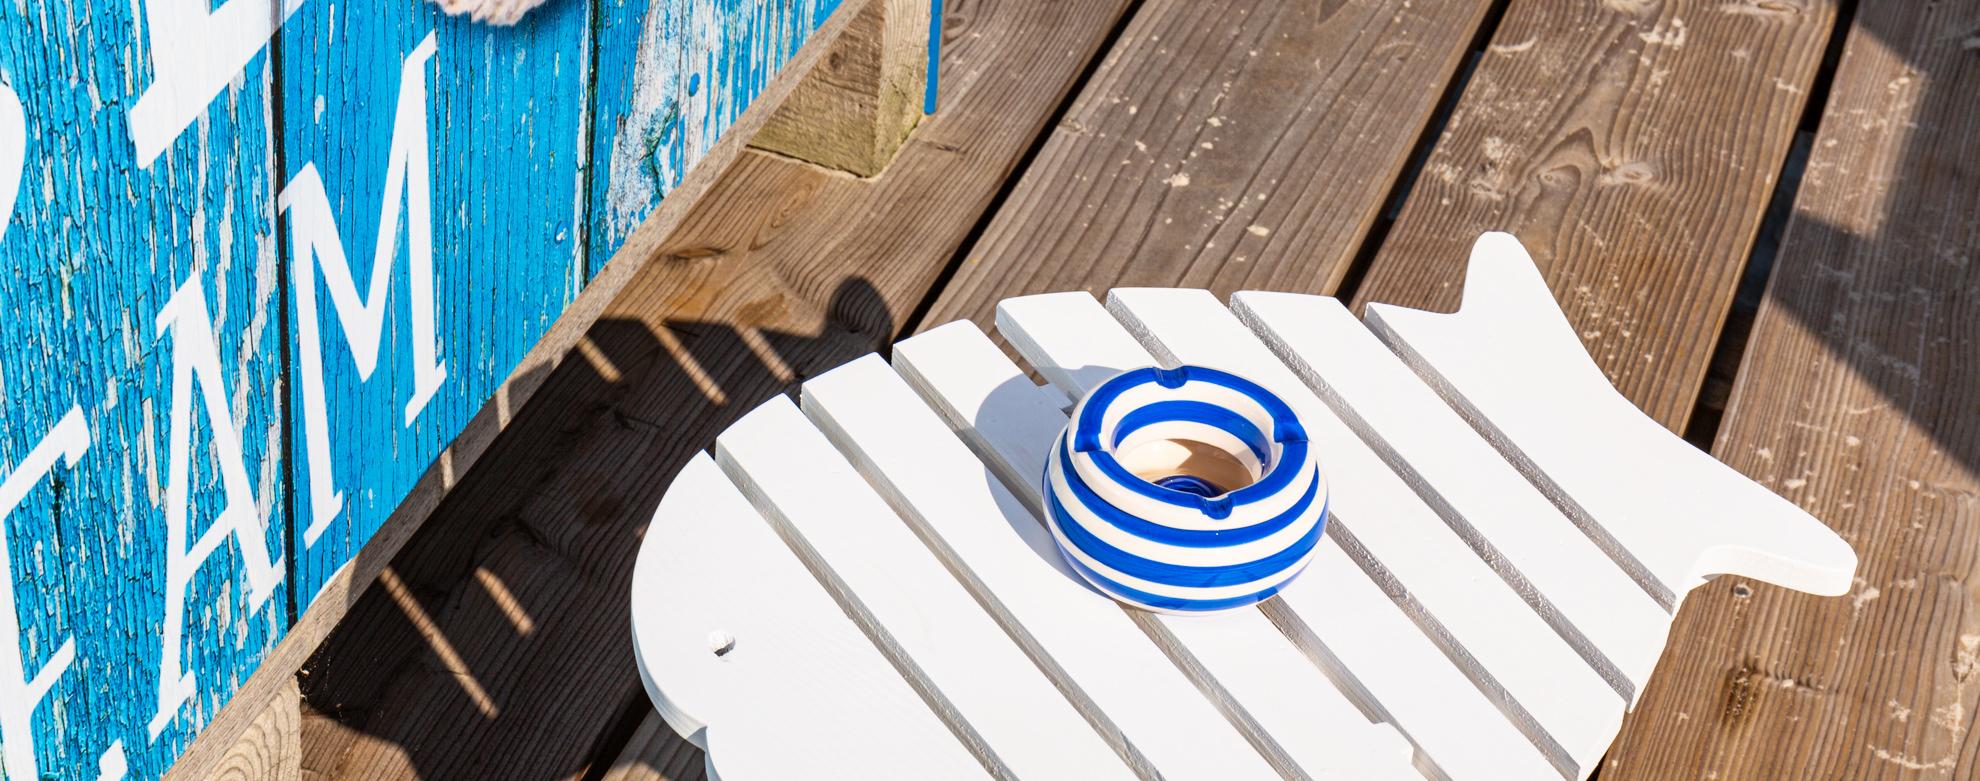 Strandaschenbecher